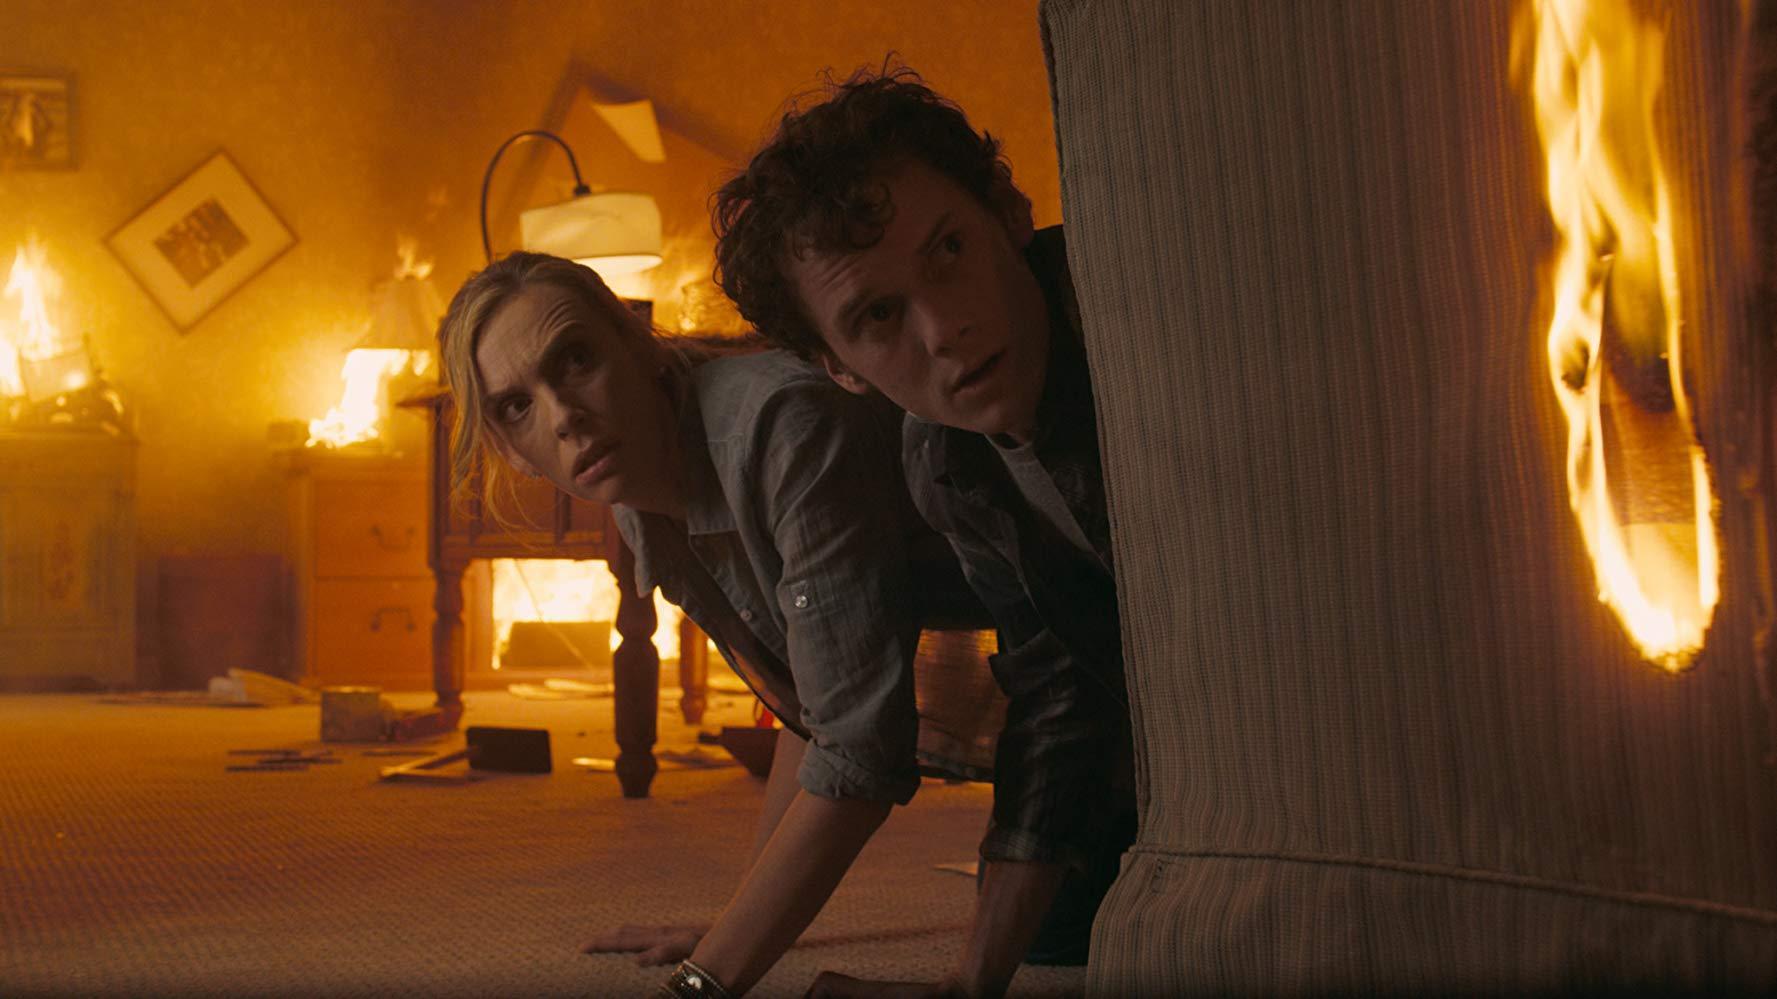 مشاهدة فيلم Fright Night 2011 HD مترجم كامل اون لاين